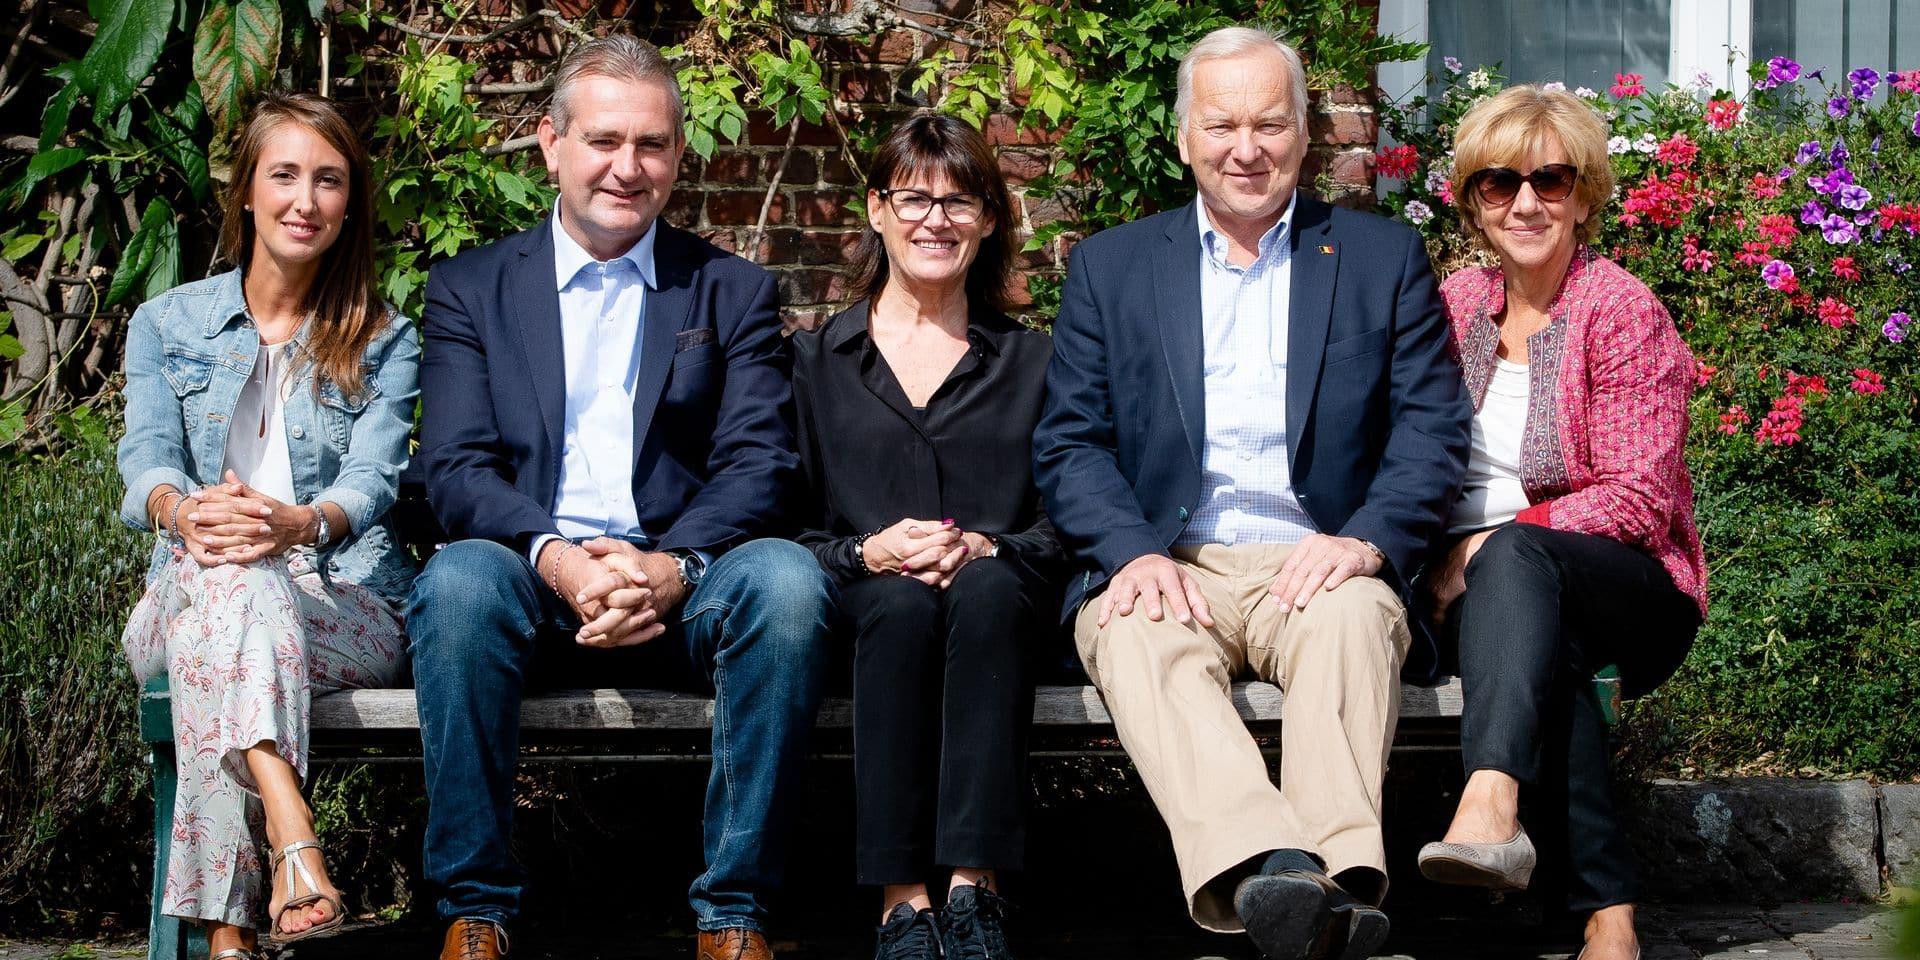 Linkebeek: portrait des élus des communes à facilités - Valérie Geeurickx (Linkebeek) - Alexis Calmeyn (Drogenbos )- Véronique Caprasse (Crainhem)